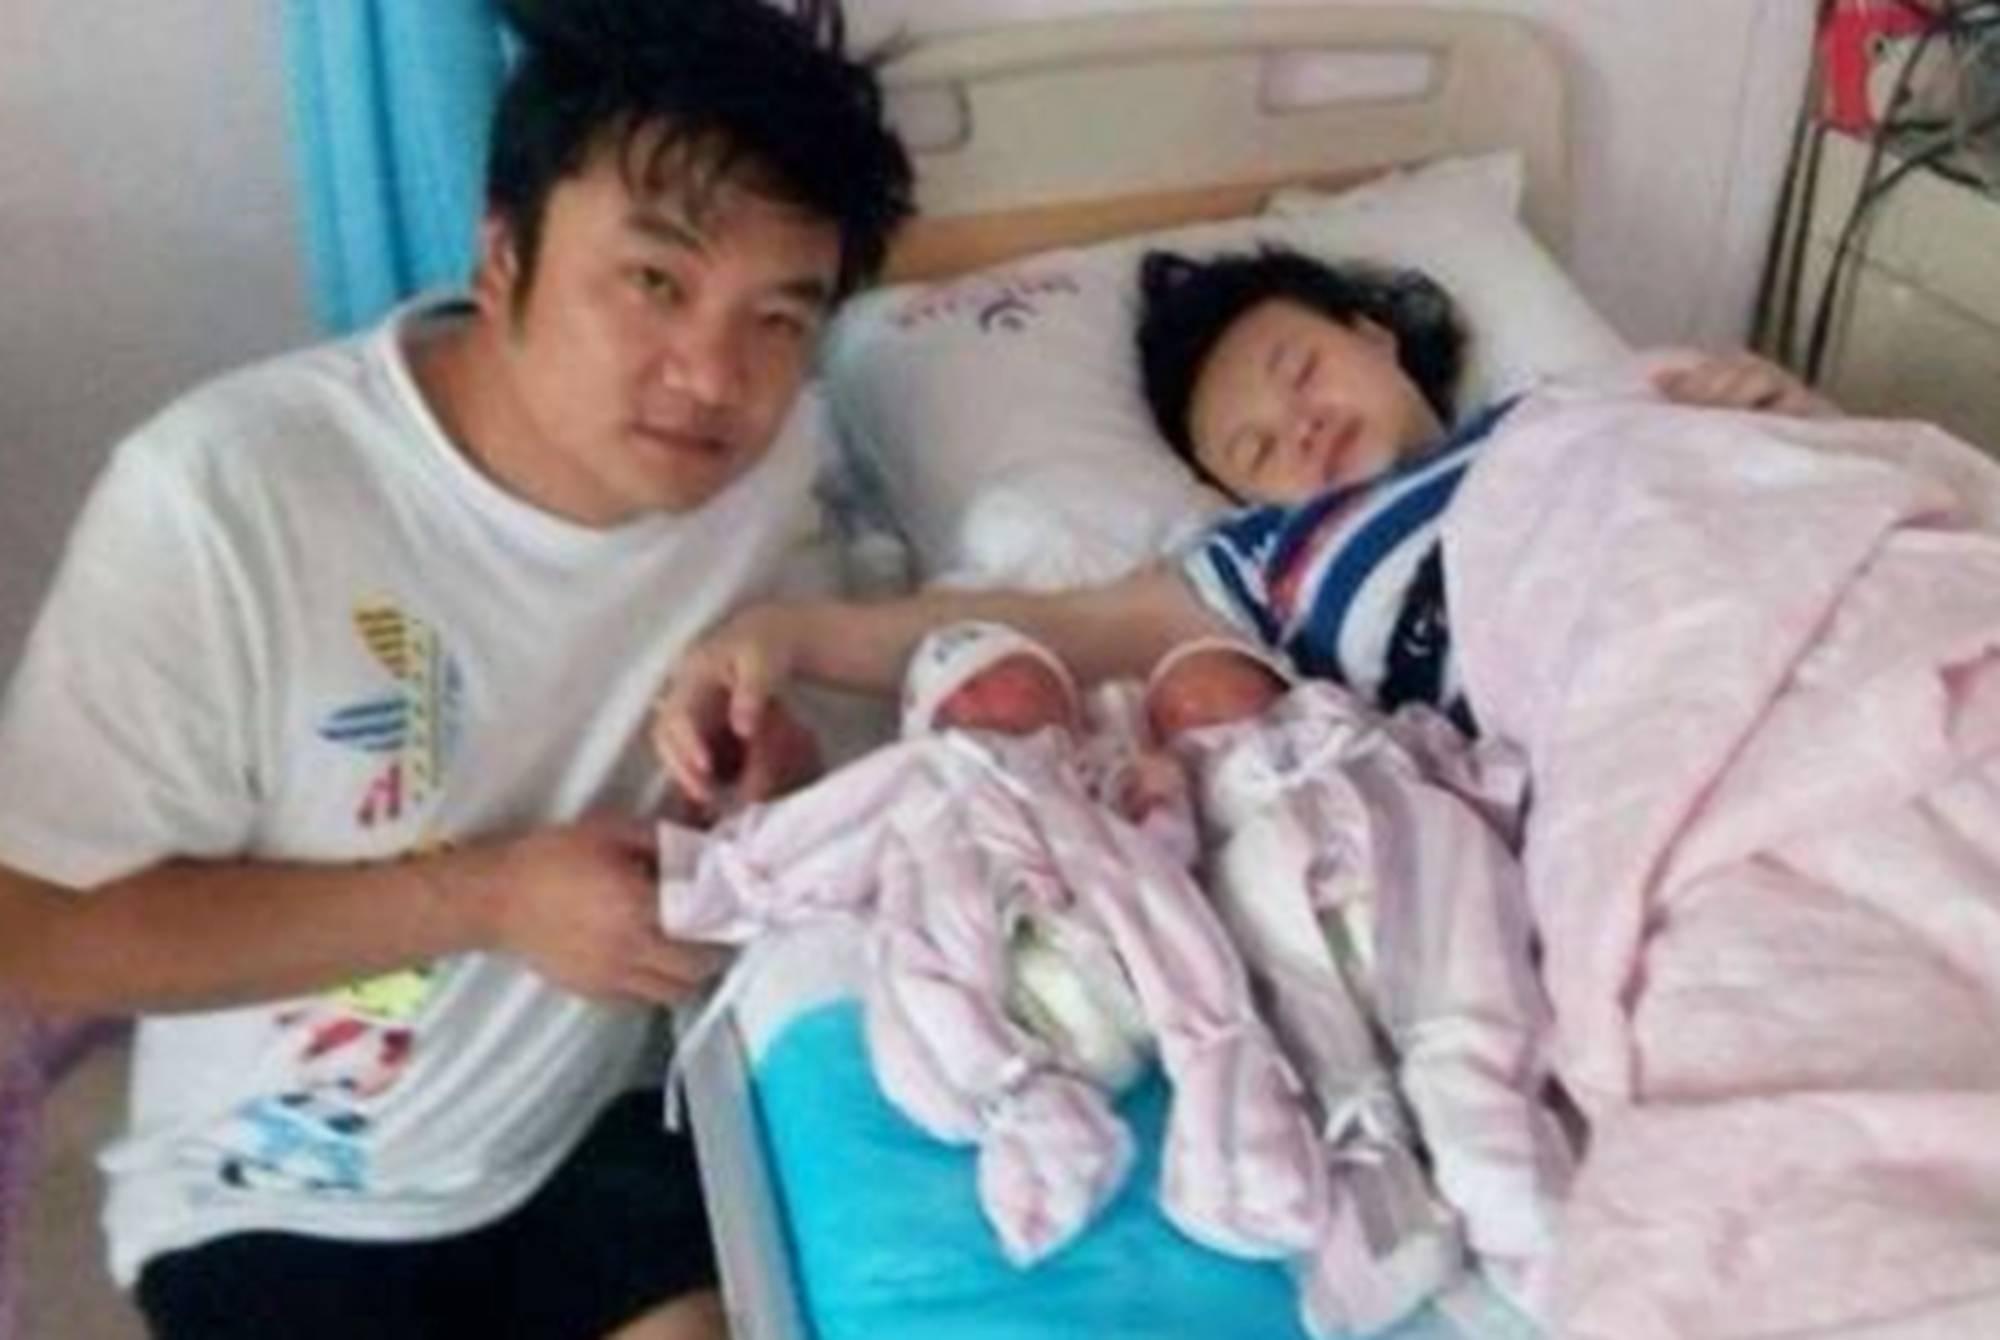 """双胞胎孕妈终于""""扳回一城"""":脐带绕颈概率低,单胎孕妈羡慕不来"""